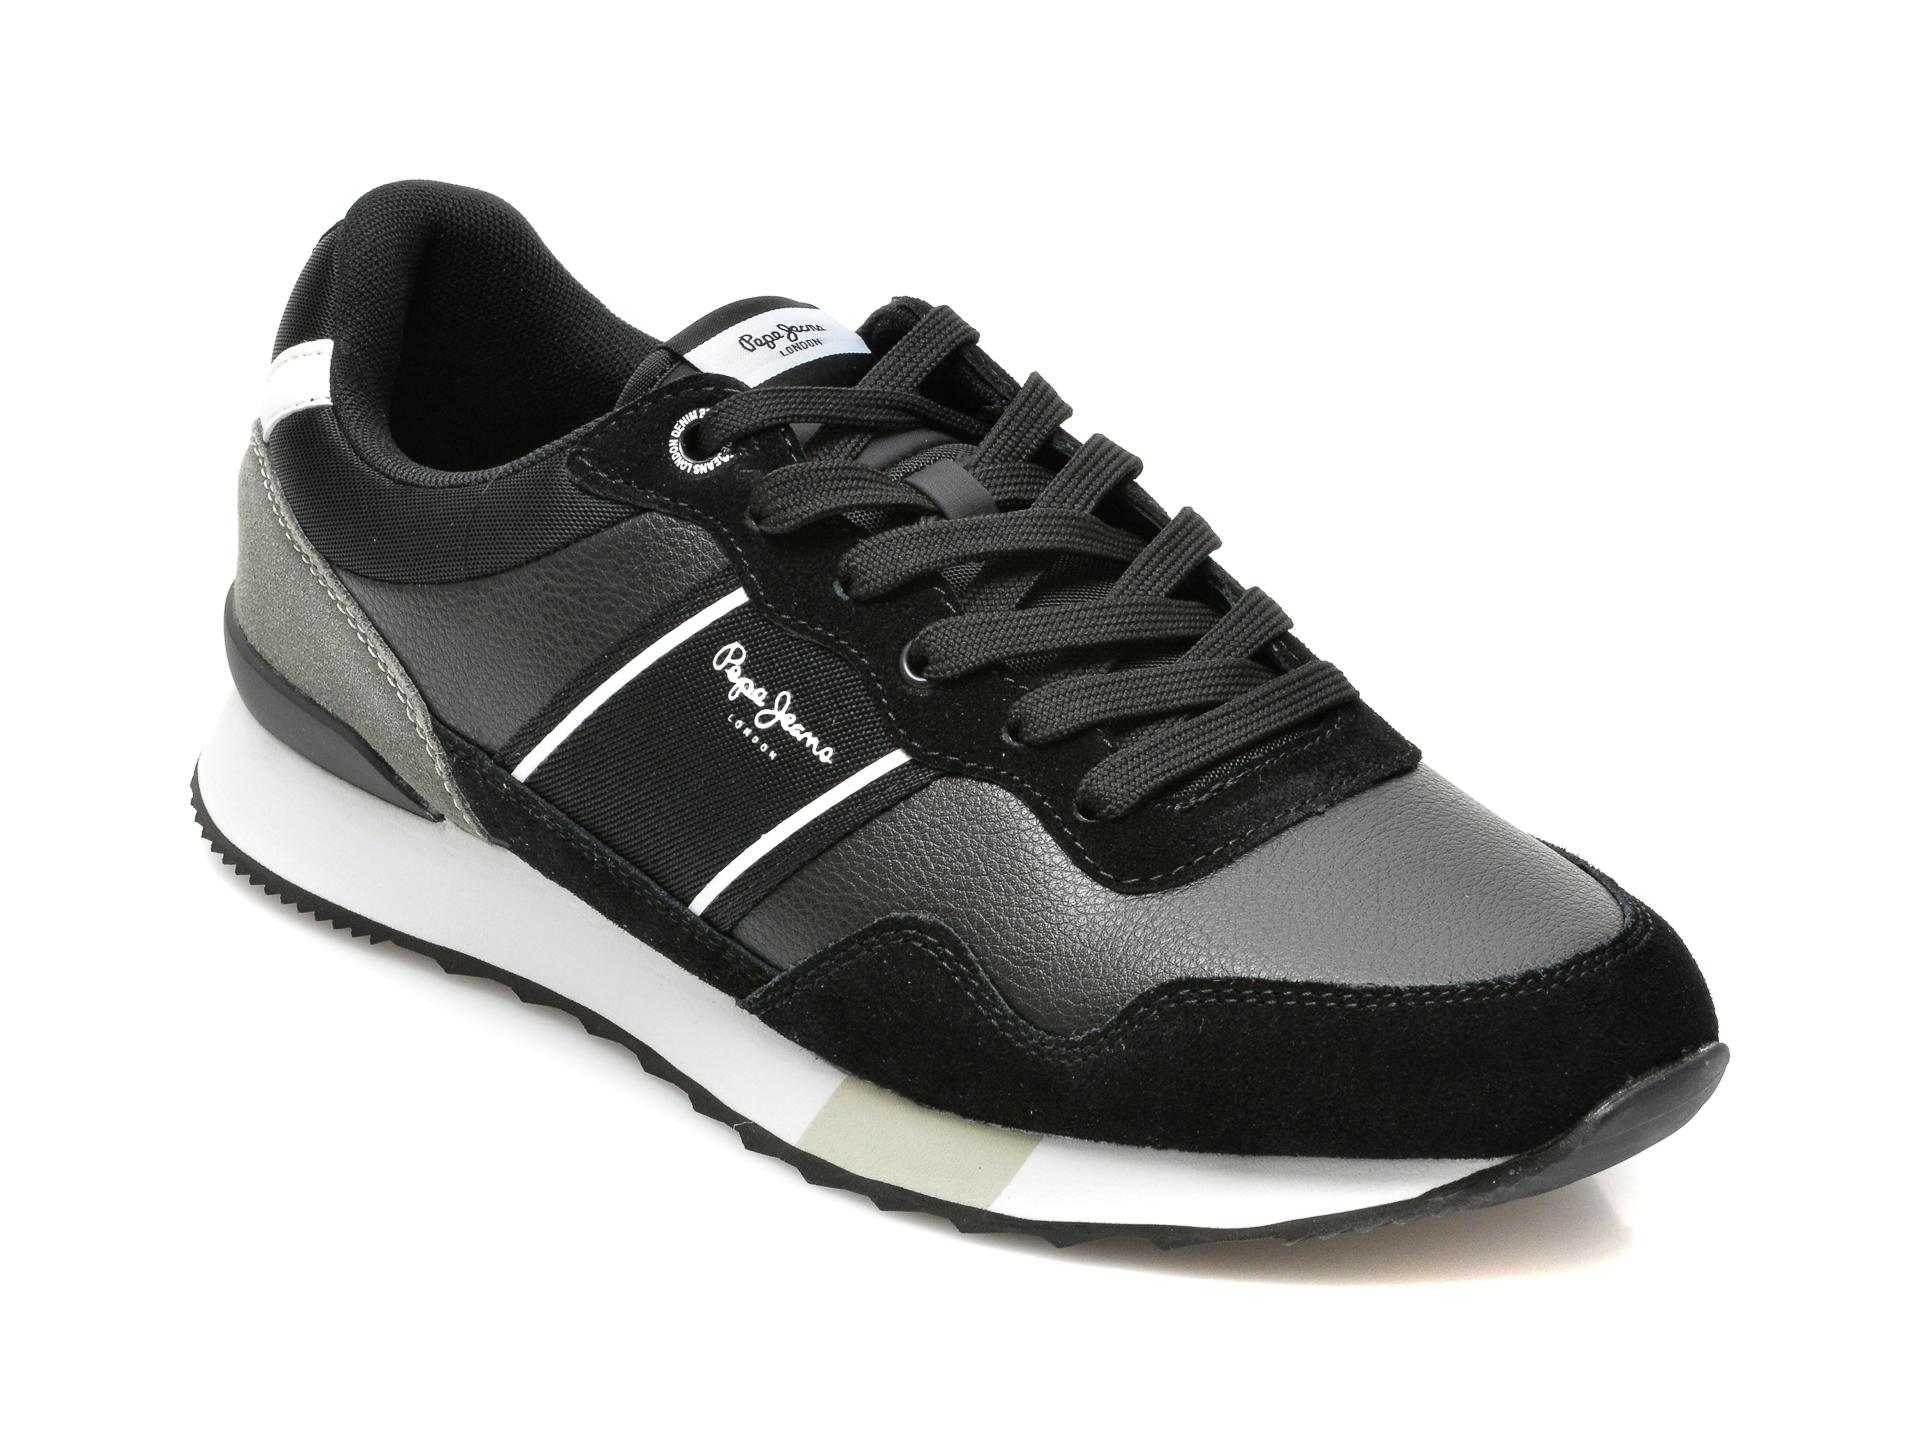 Pantofi sport PEPE JEANS negri, MS30757, din piele ecologica